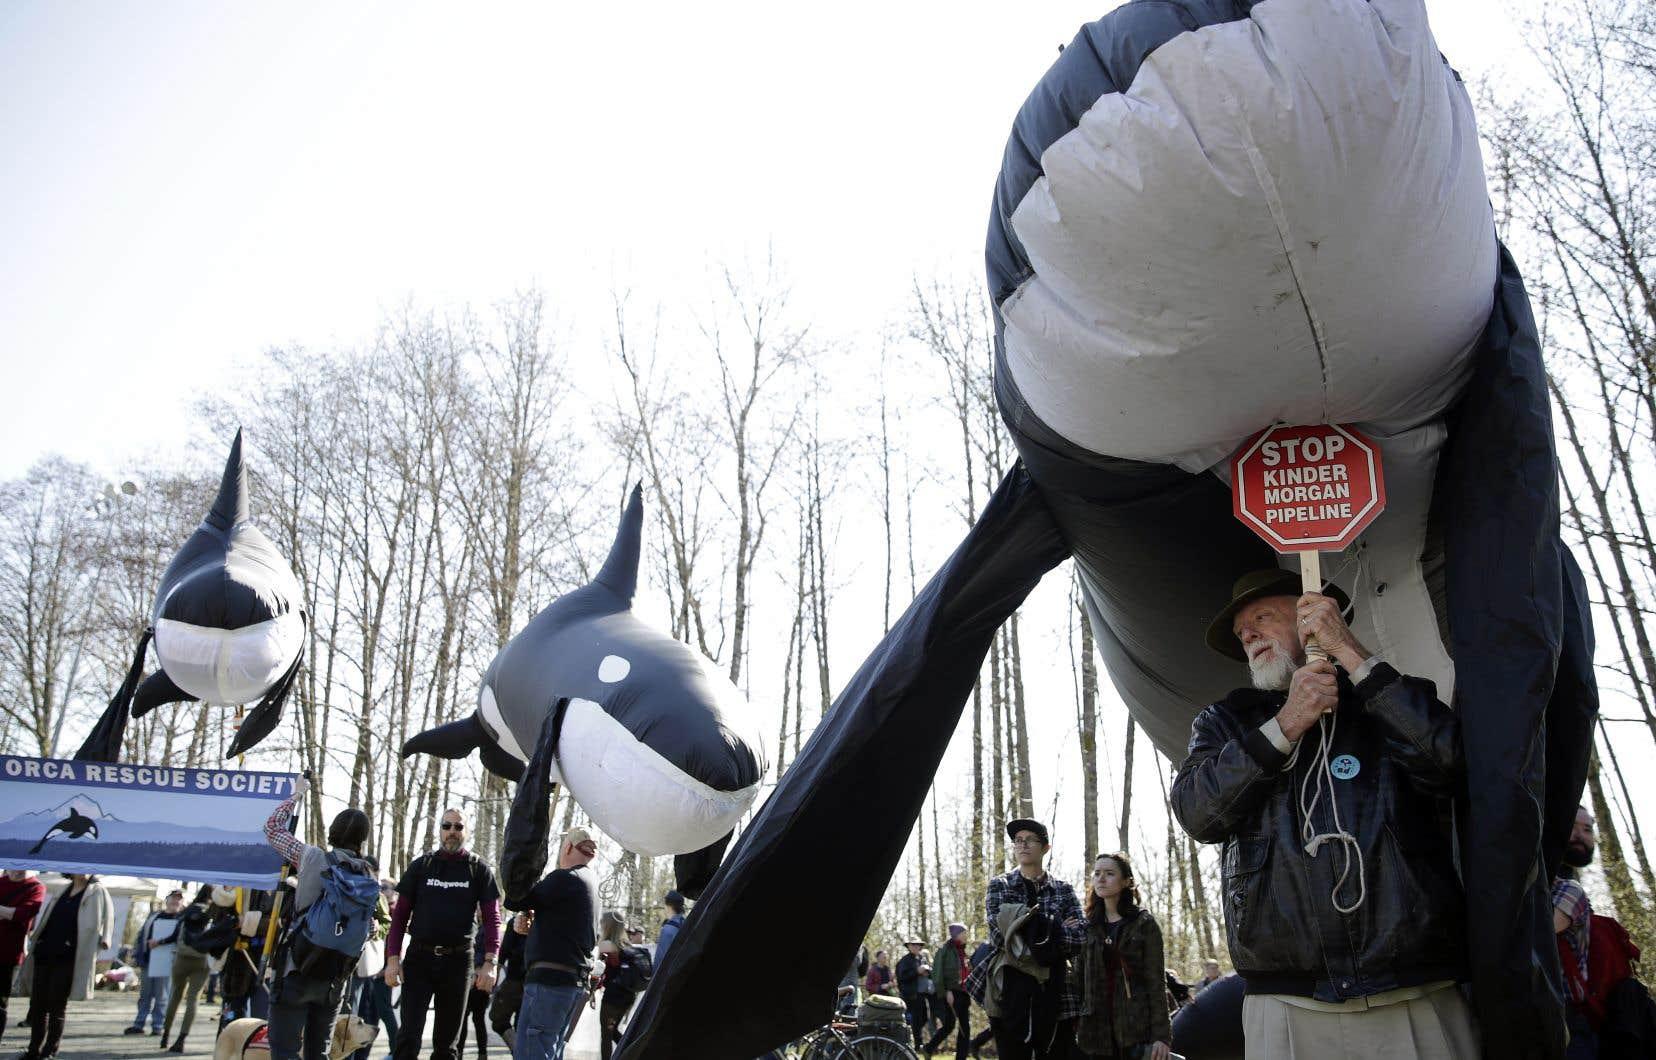 Le projet de Kinder Morgan a rencontré une forte opposition au fil du temps, provoquant plusieurs manifestations dont celle-ci, le 10 mars dernier à Burnaby, en Colombie-Britannique.